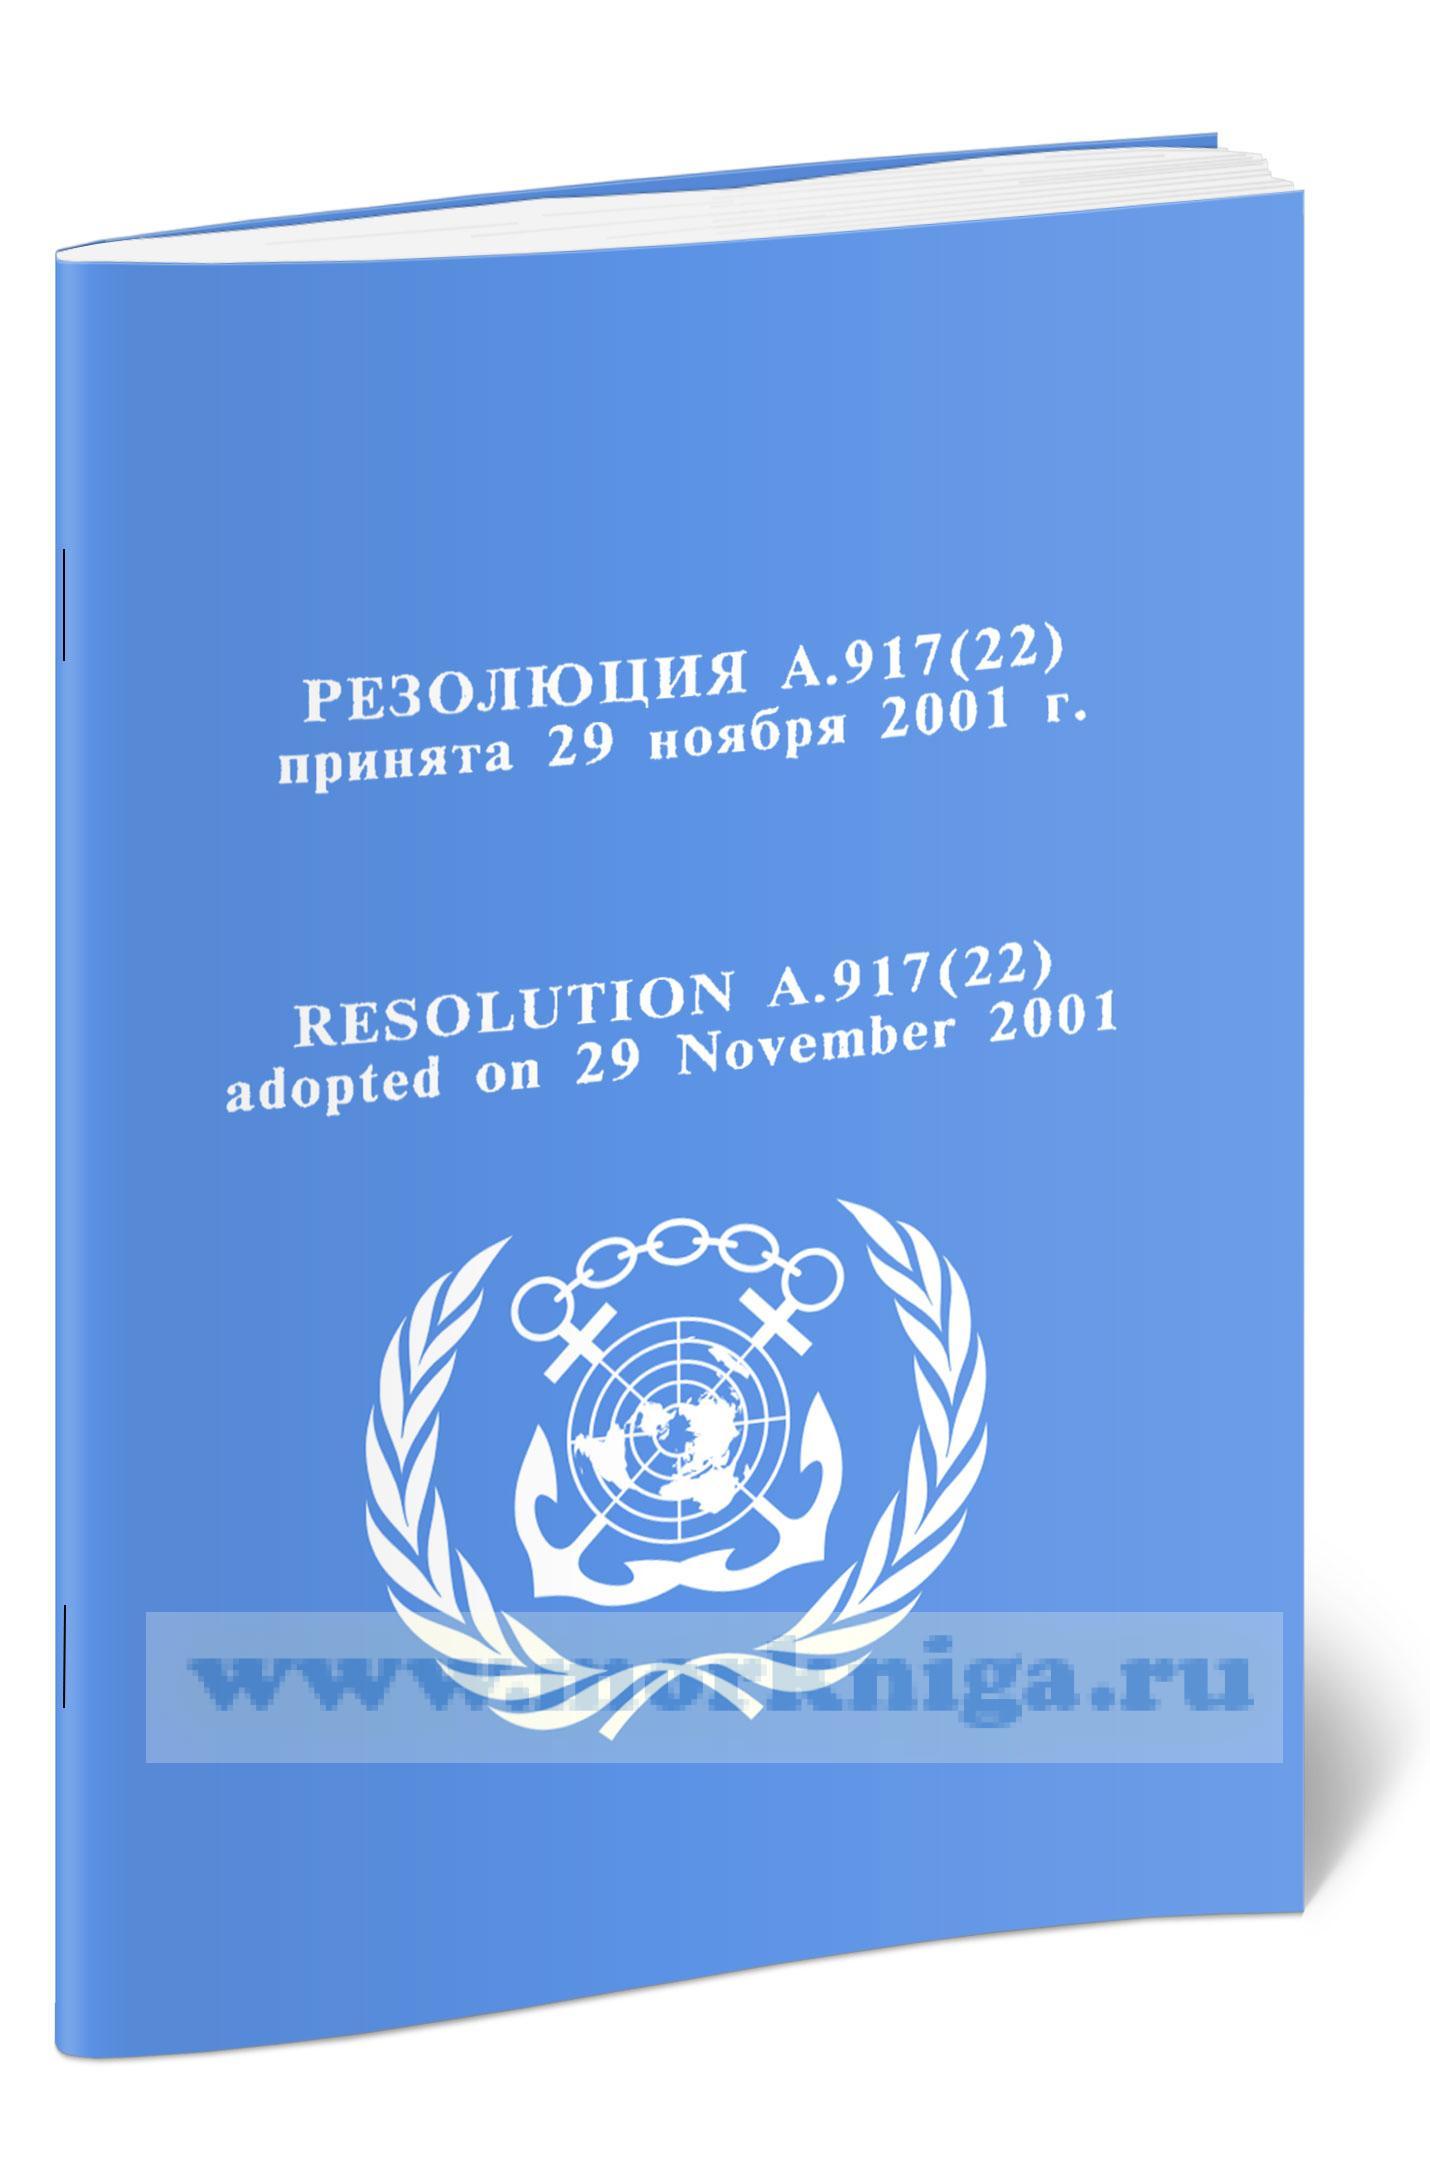 Резолюция A.917(22).Руководство по использованию судовых автоматических идентификационных систем (АИС)